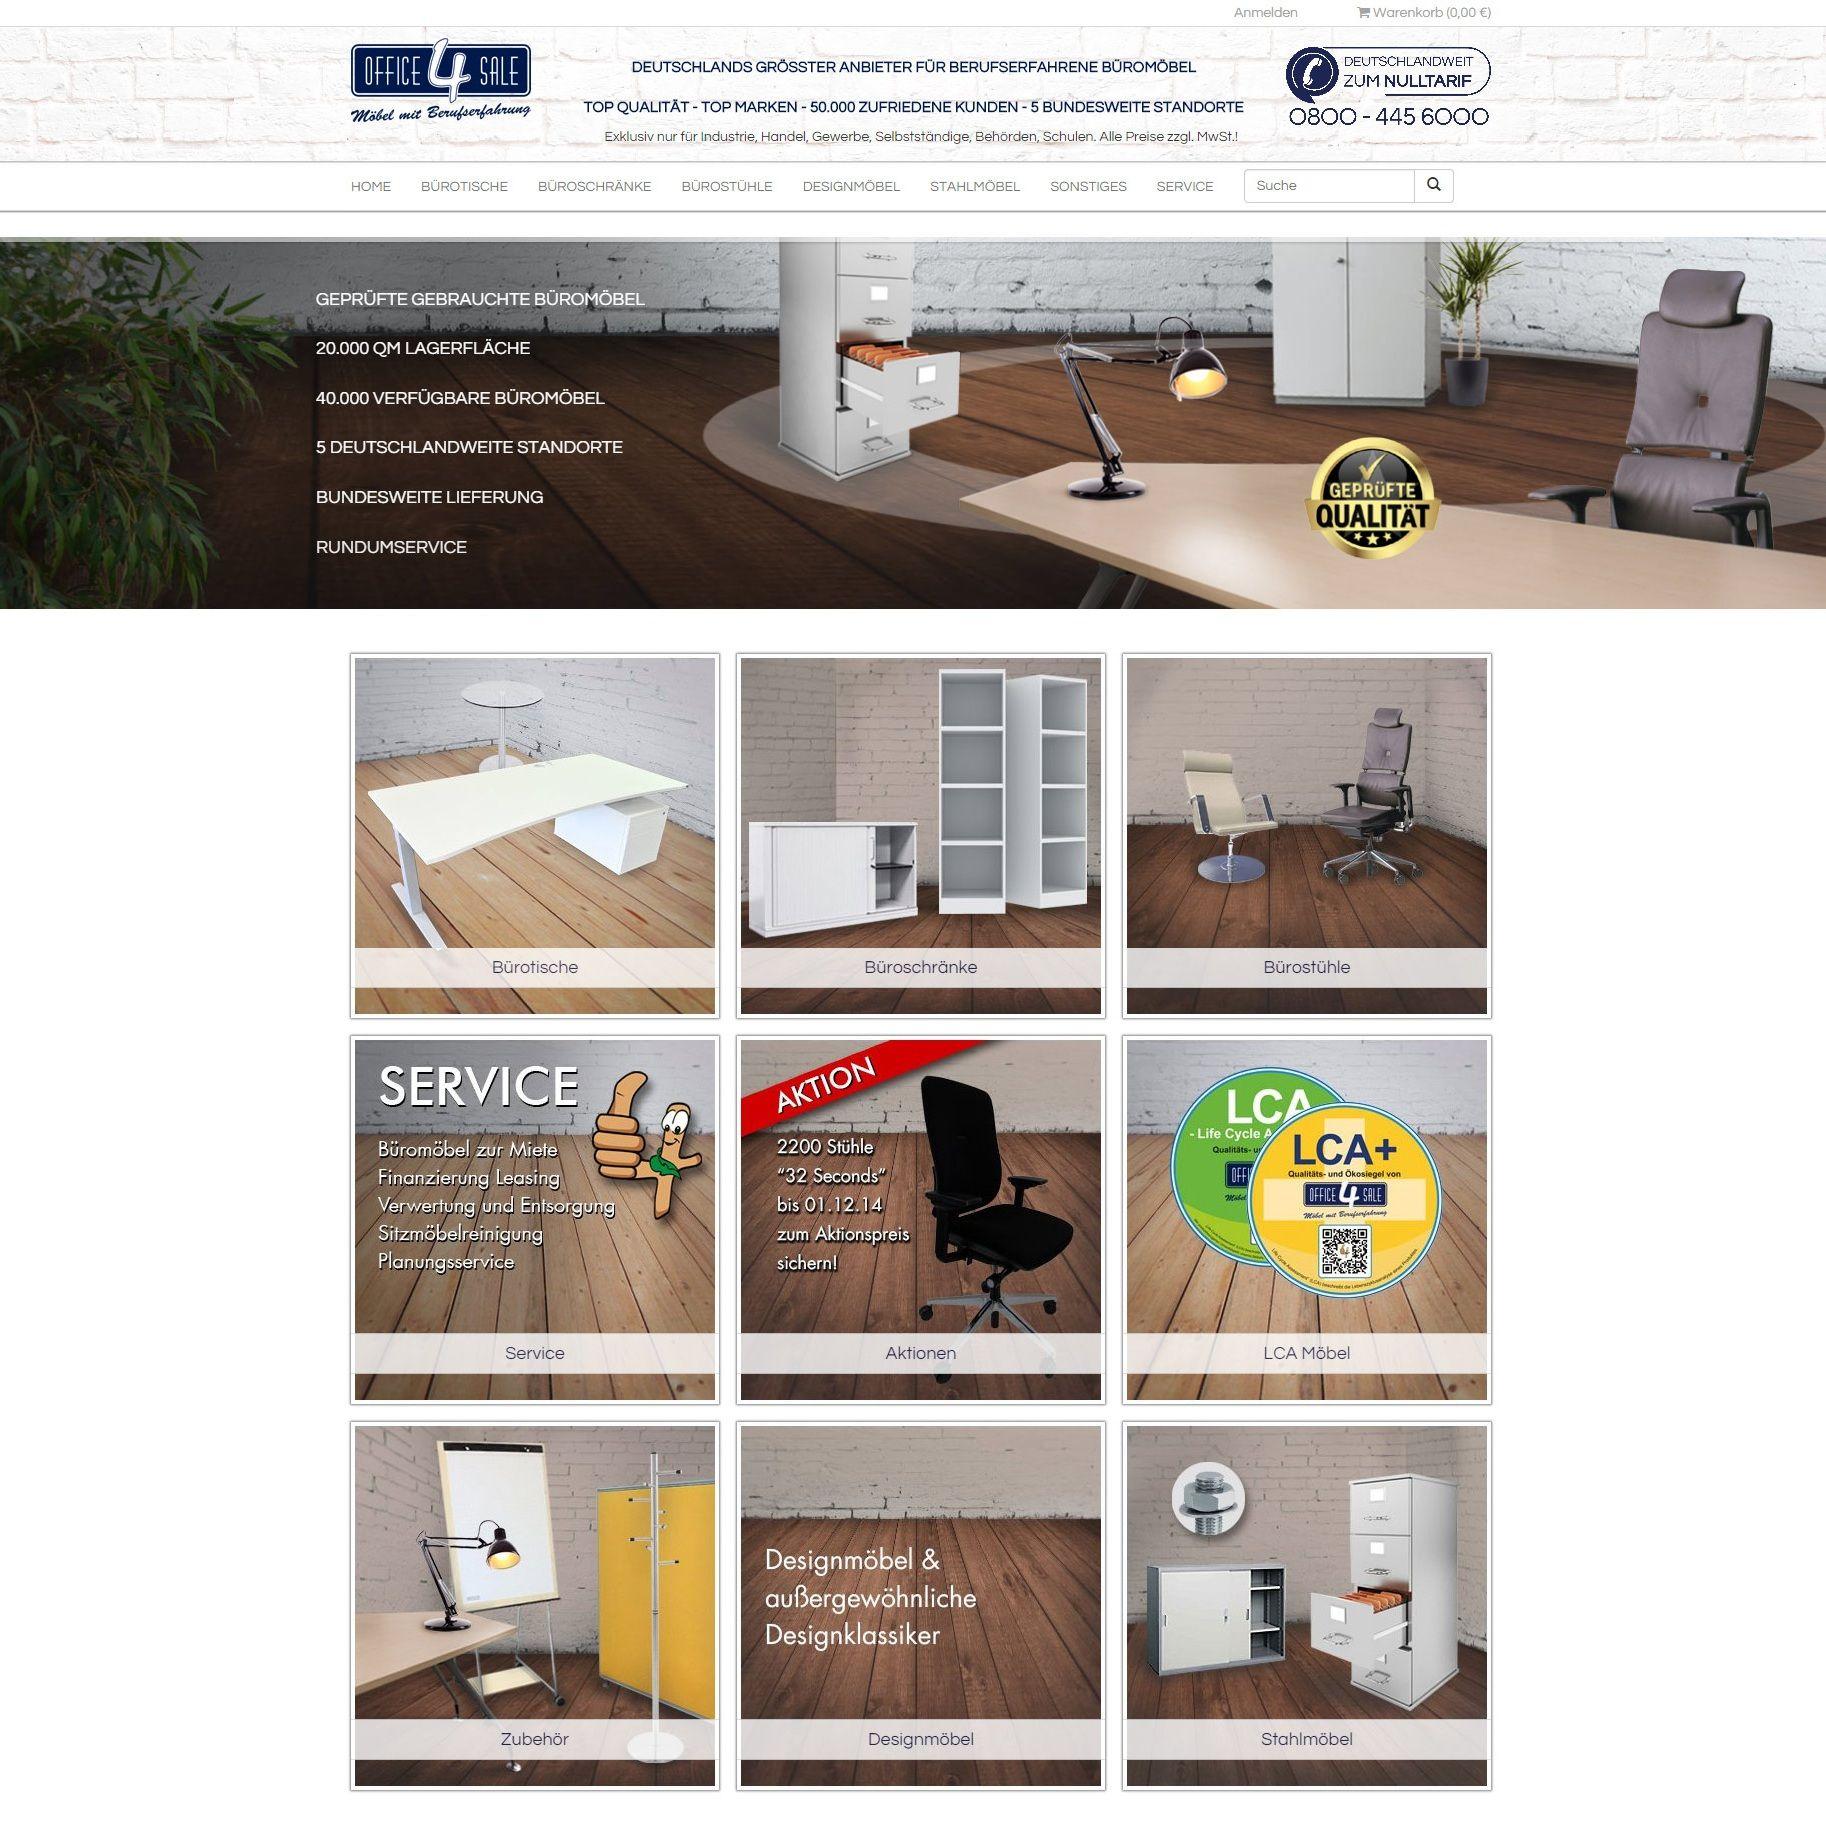 Neuer #Büromöbel #Onlineshop von #office4sale geht am 18.11.2014 an ...